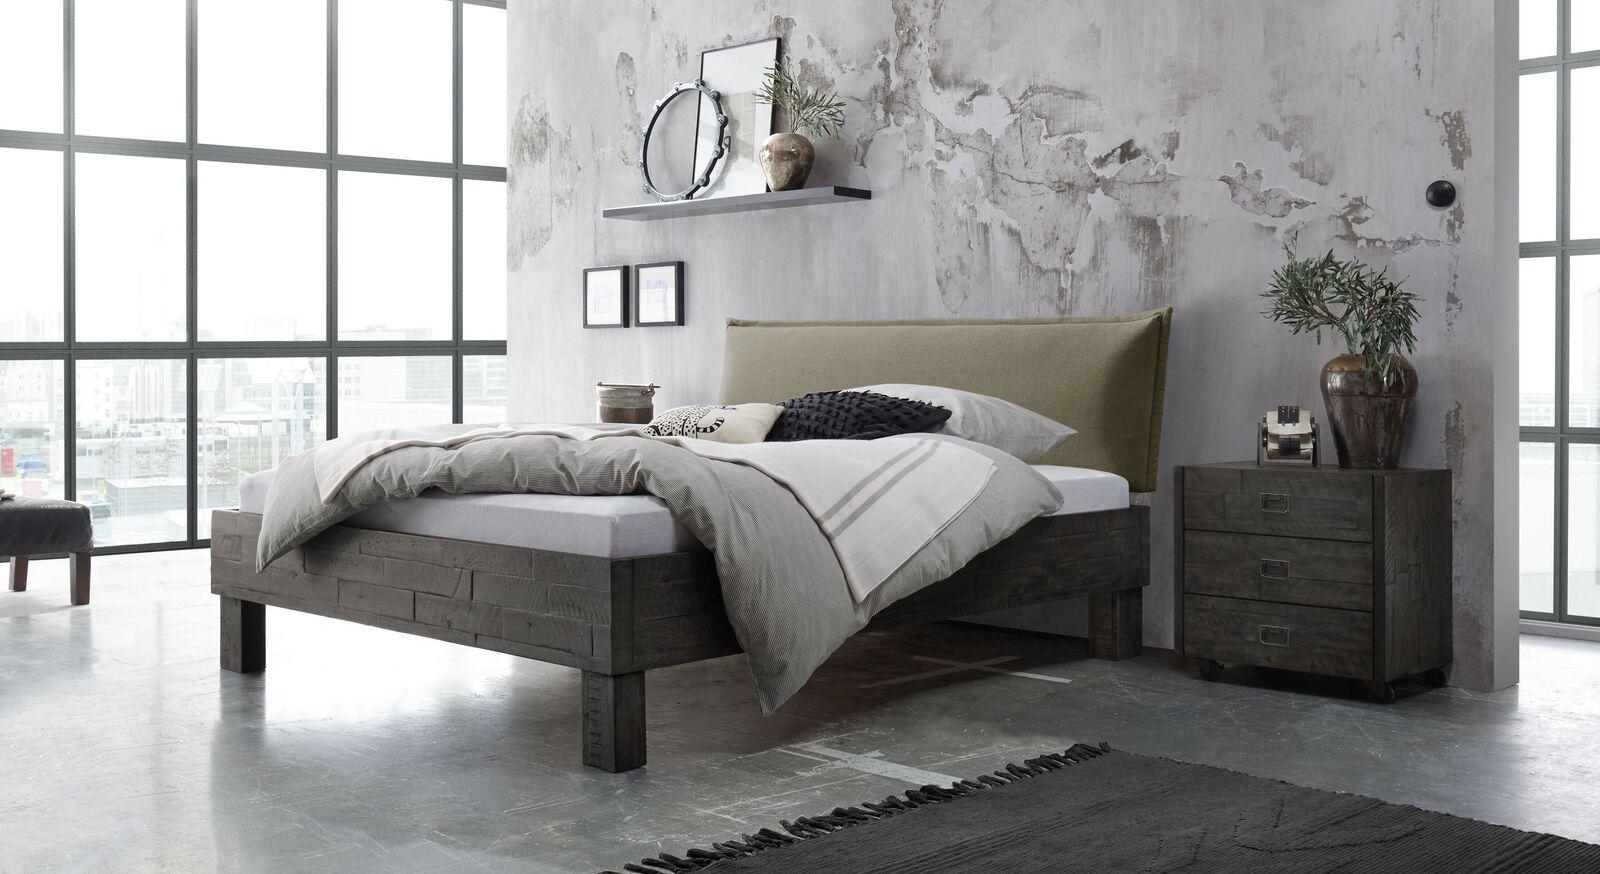 Bett Solidea mit passenden Beimöbeln